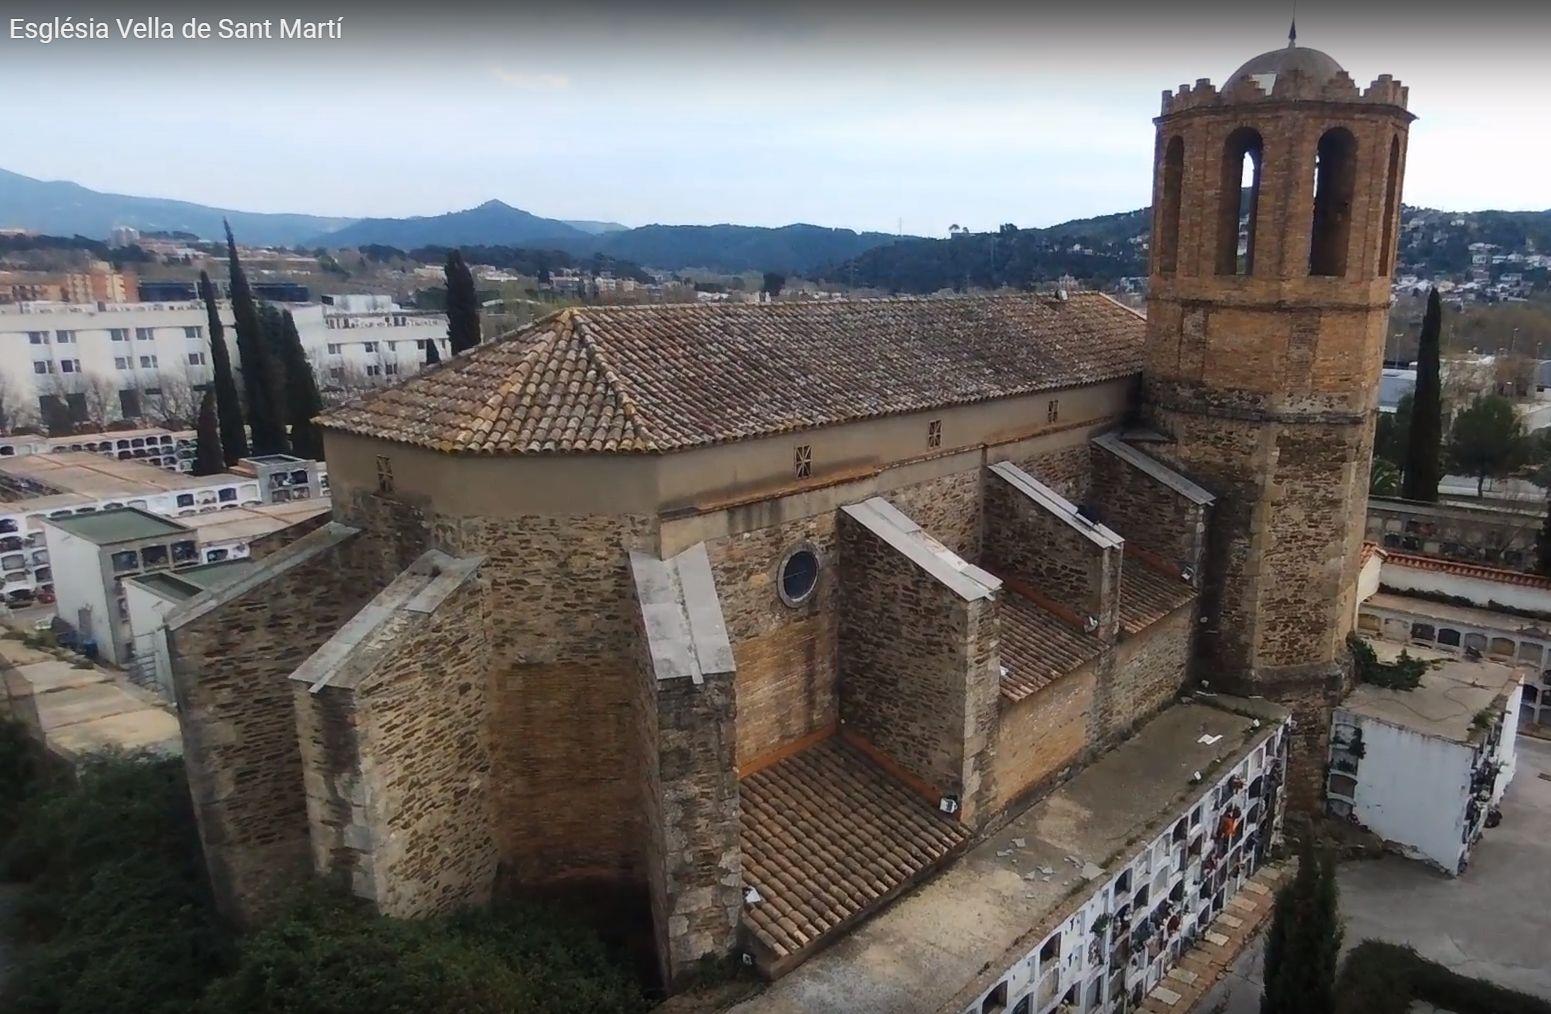 Imatge de l'Església Vella de Sant Martí, una de les parades de l'itinerari